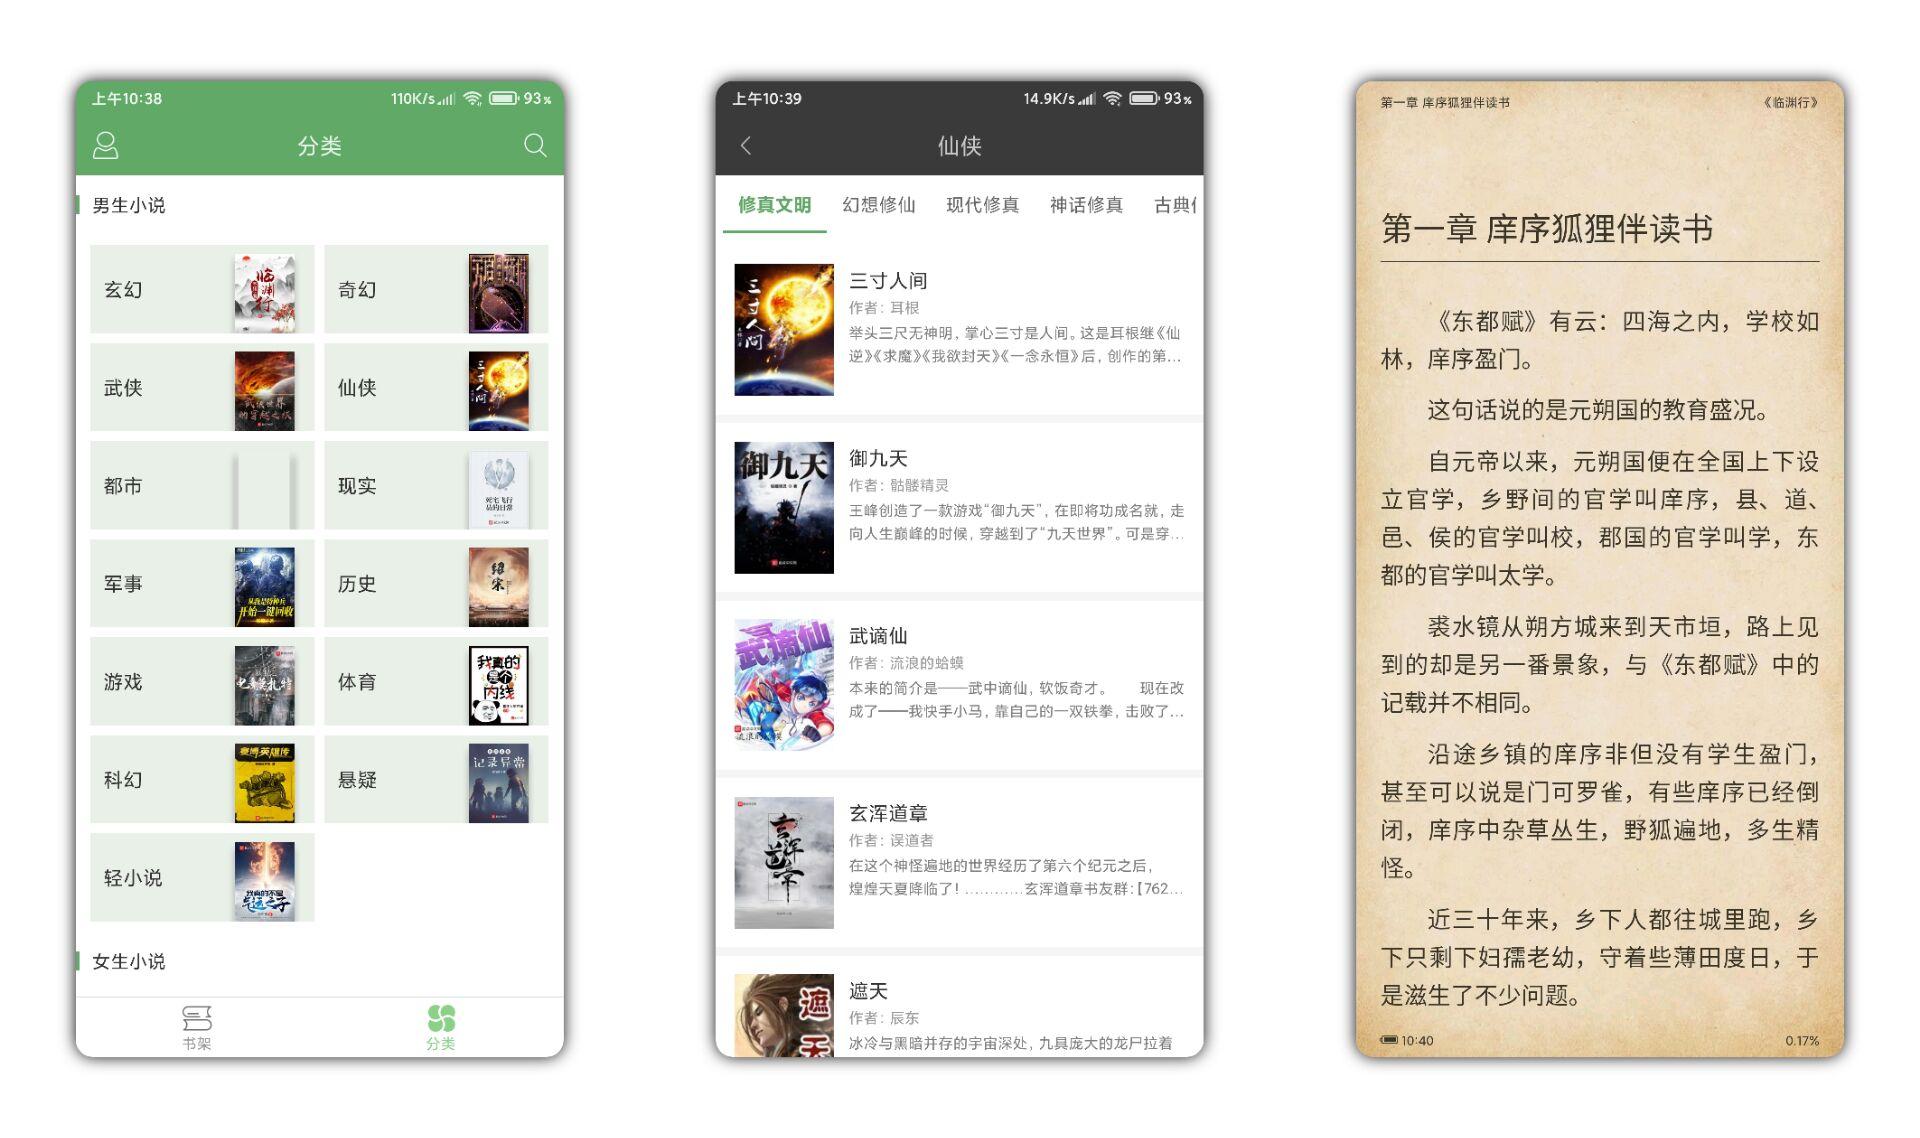 【搜书王去广告版】强大搜书引擎